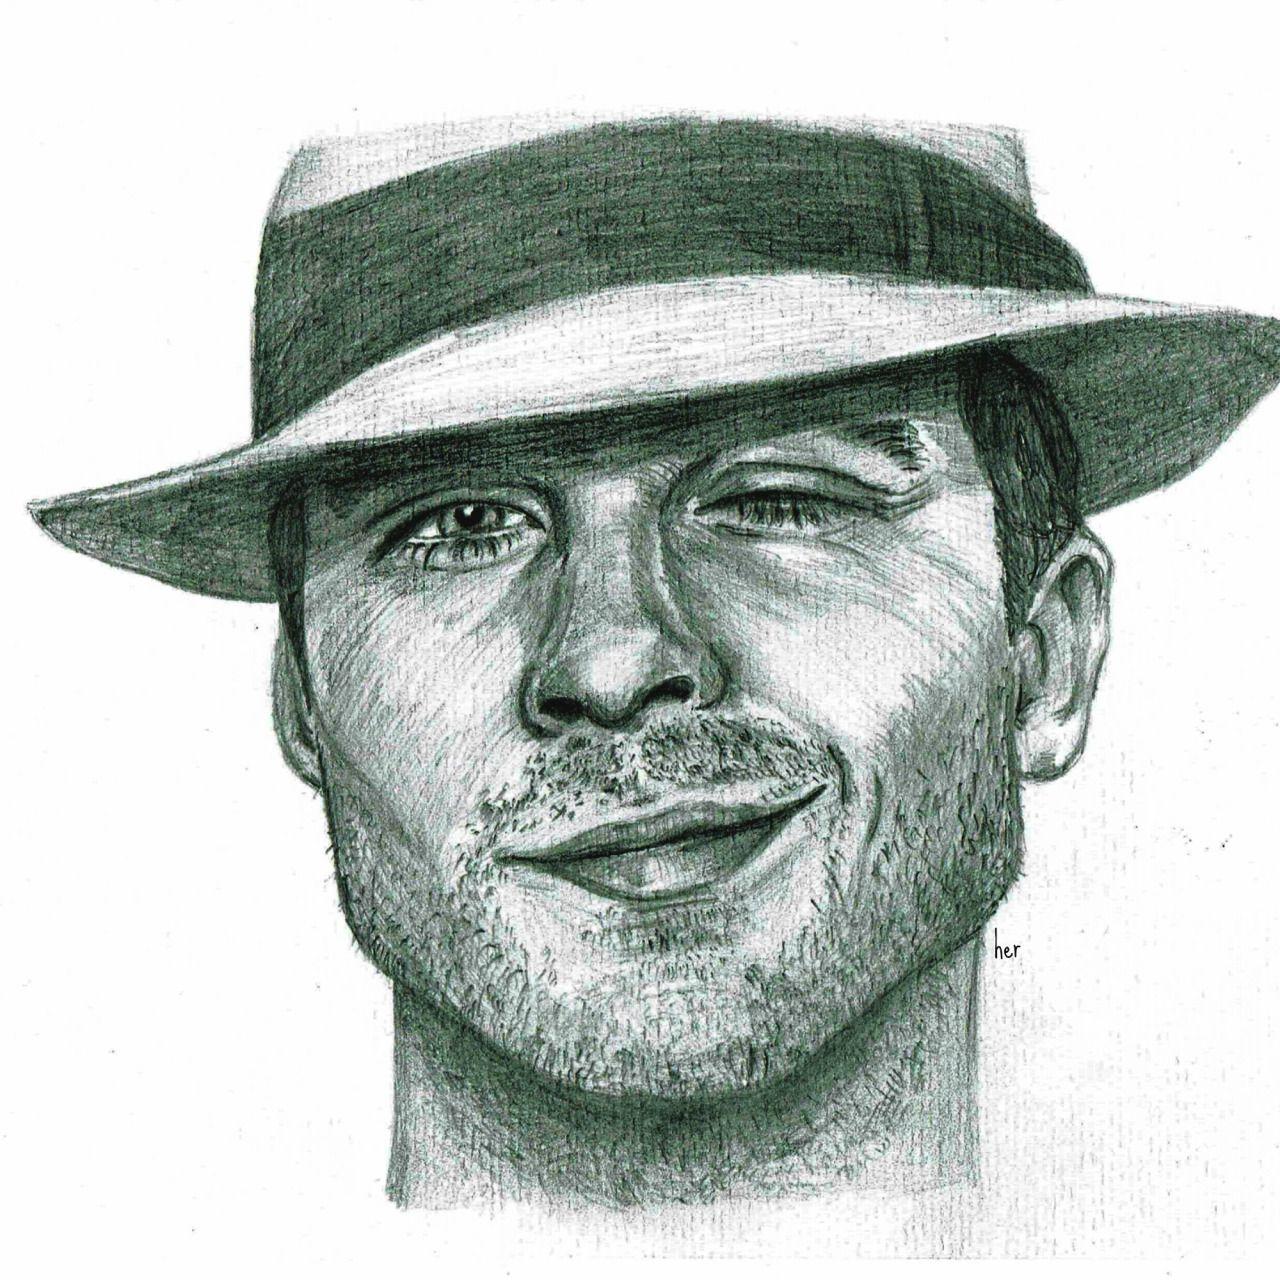 ian somerhalder test piece. #portraiture #graphitepencil #traditionalart #realism #iansomerhalder #fanart